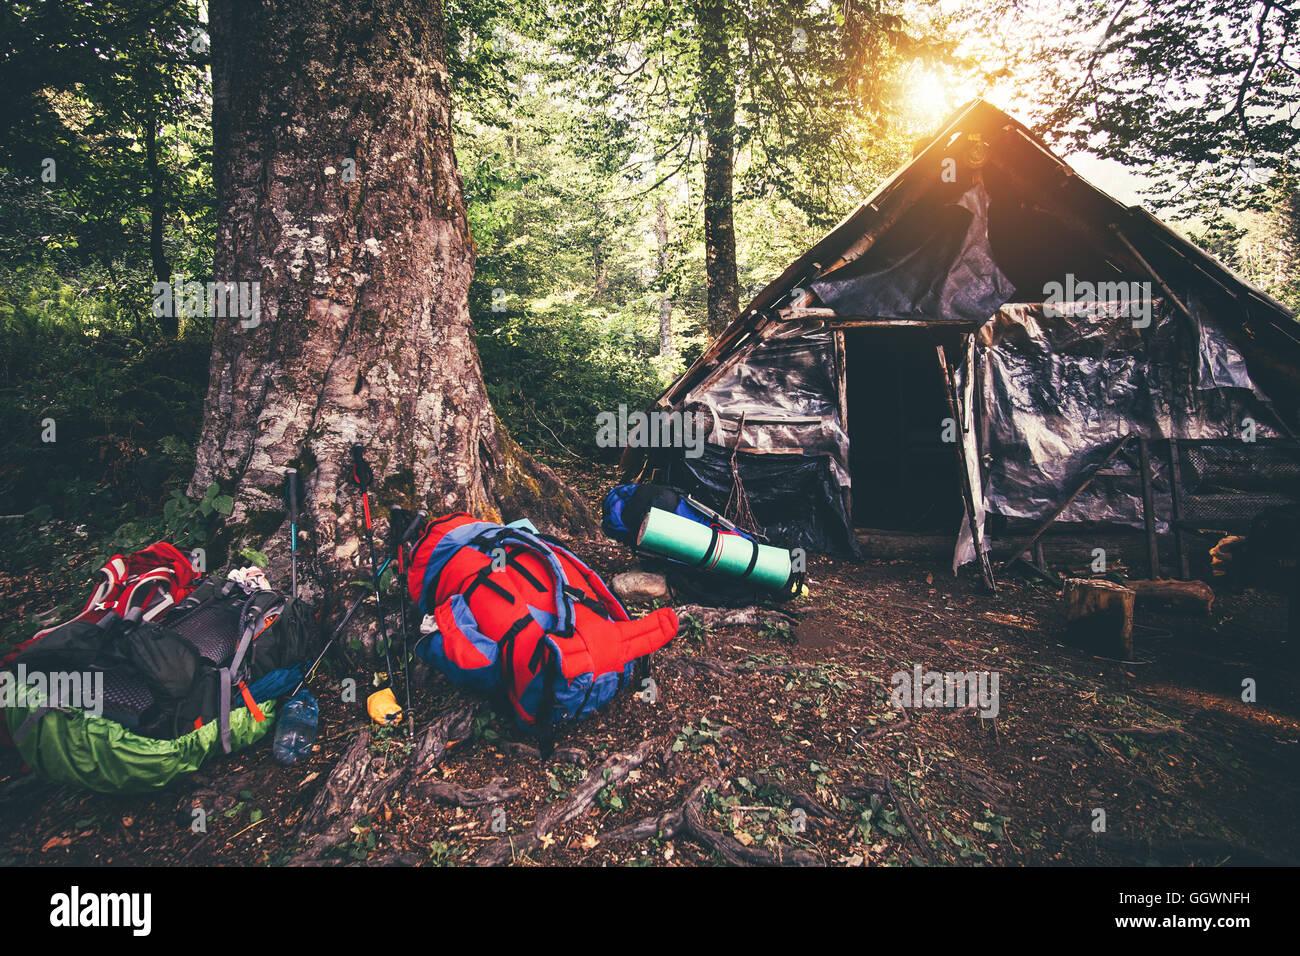 Les sacs à dos et maison abandonnée en plein air camping Matériel de randonnée Vie Voyage nature Photo Stock